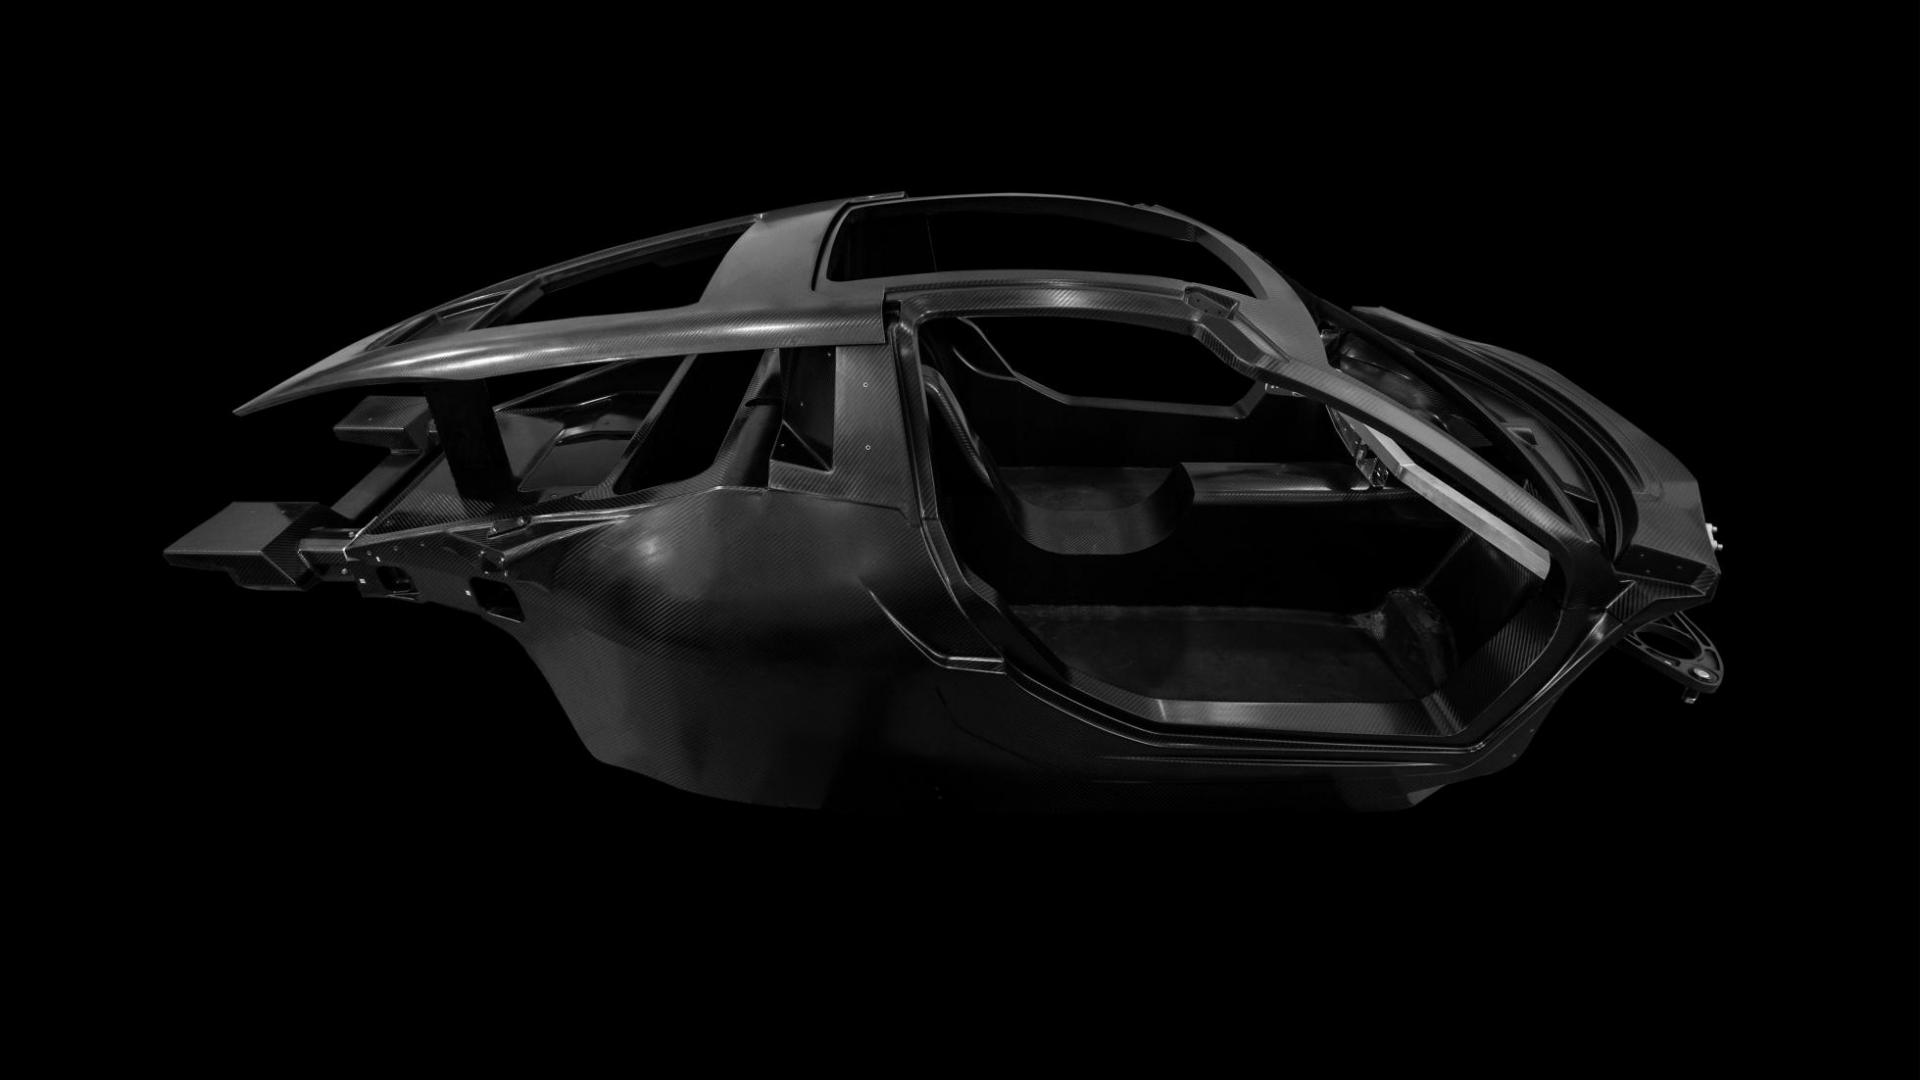 Hispano Suiza Carmen Monocoque 2019